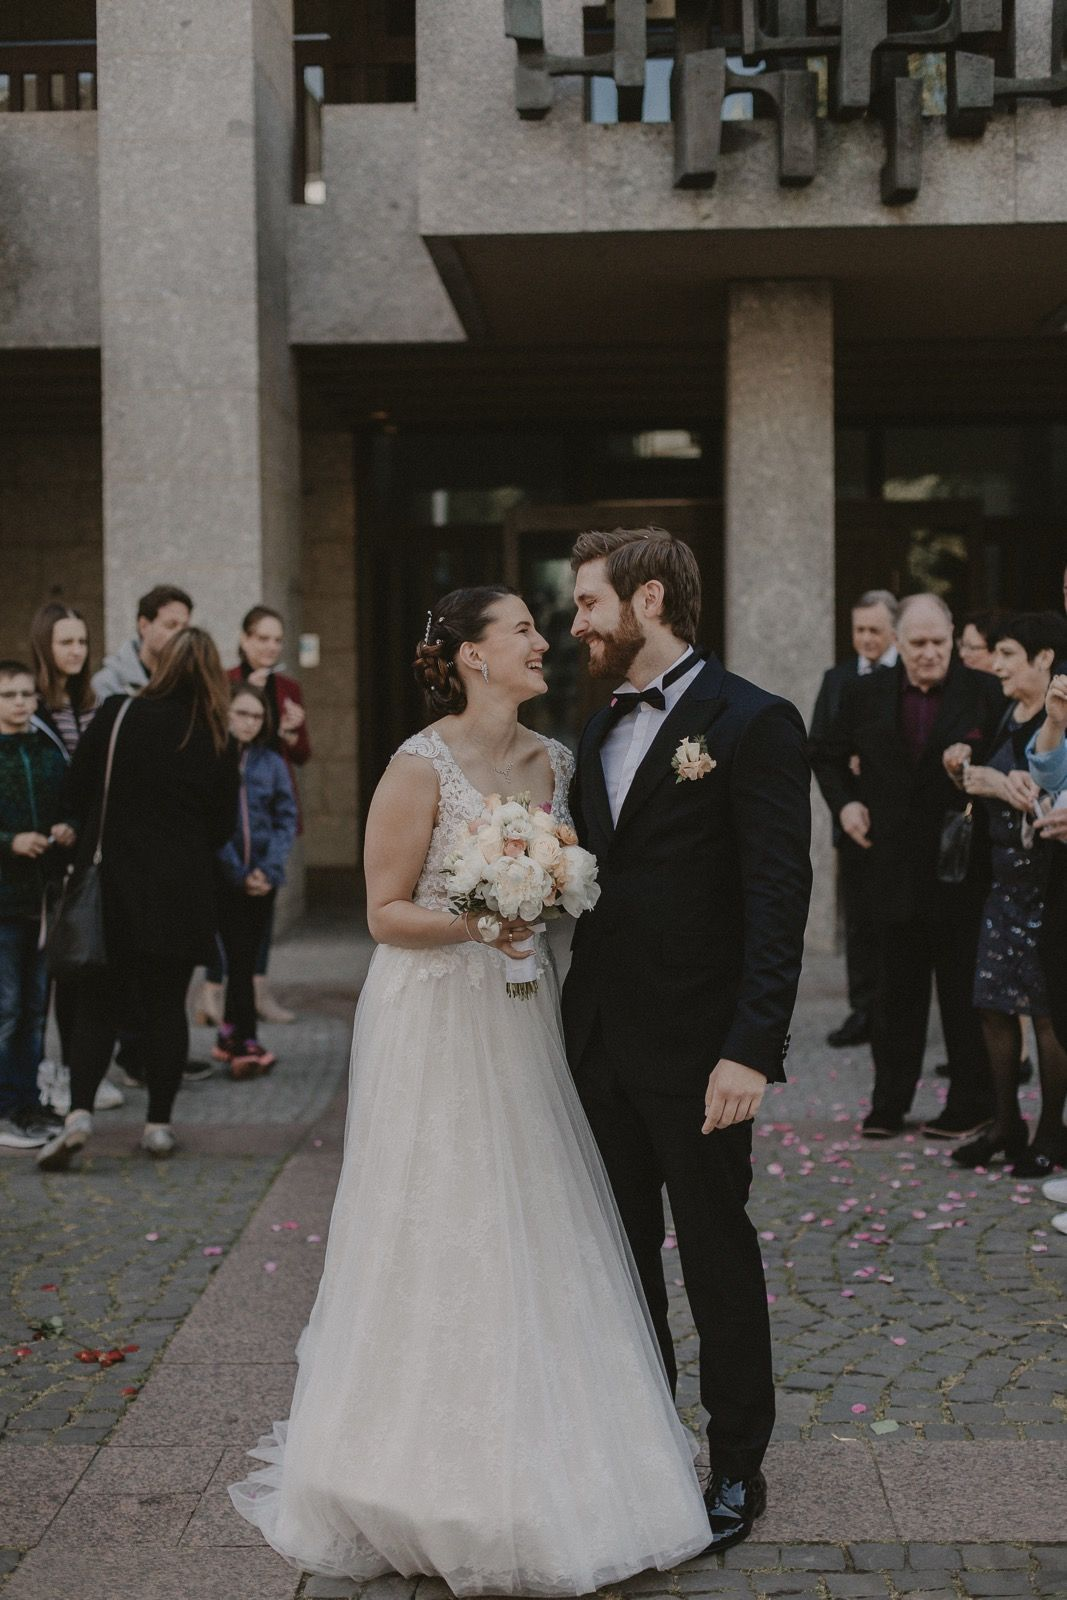 Heiraten In Zeiten Von Corona Nrw Koln In 2020 Heiraten Standesamtliche Hochzeit Standesamtlich Heiraten